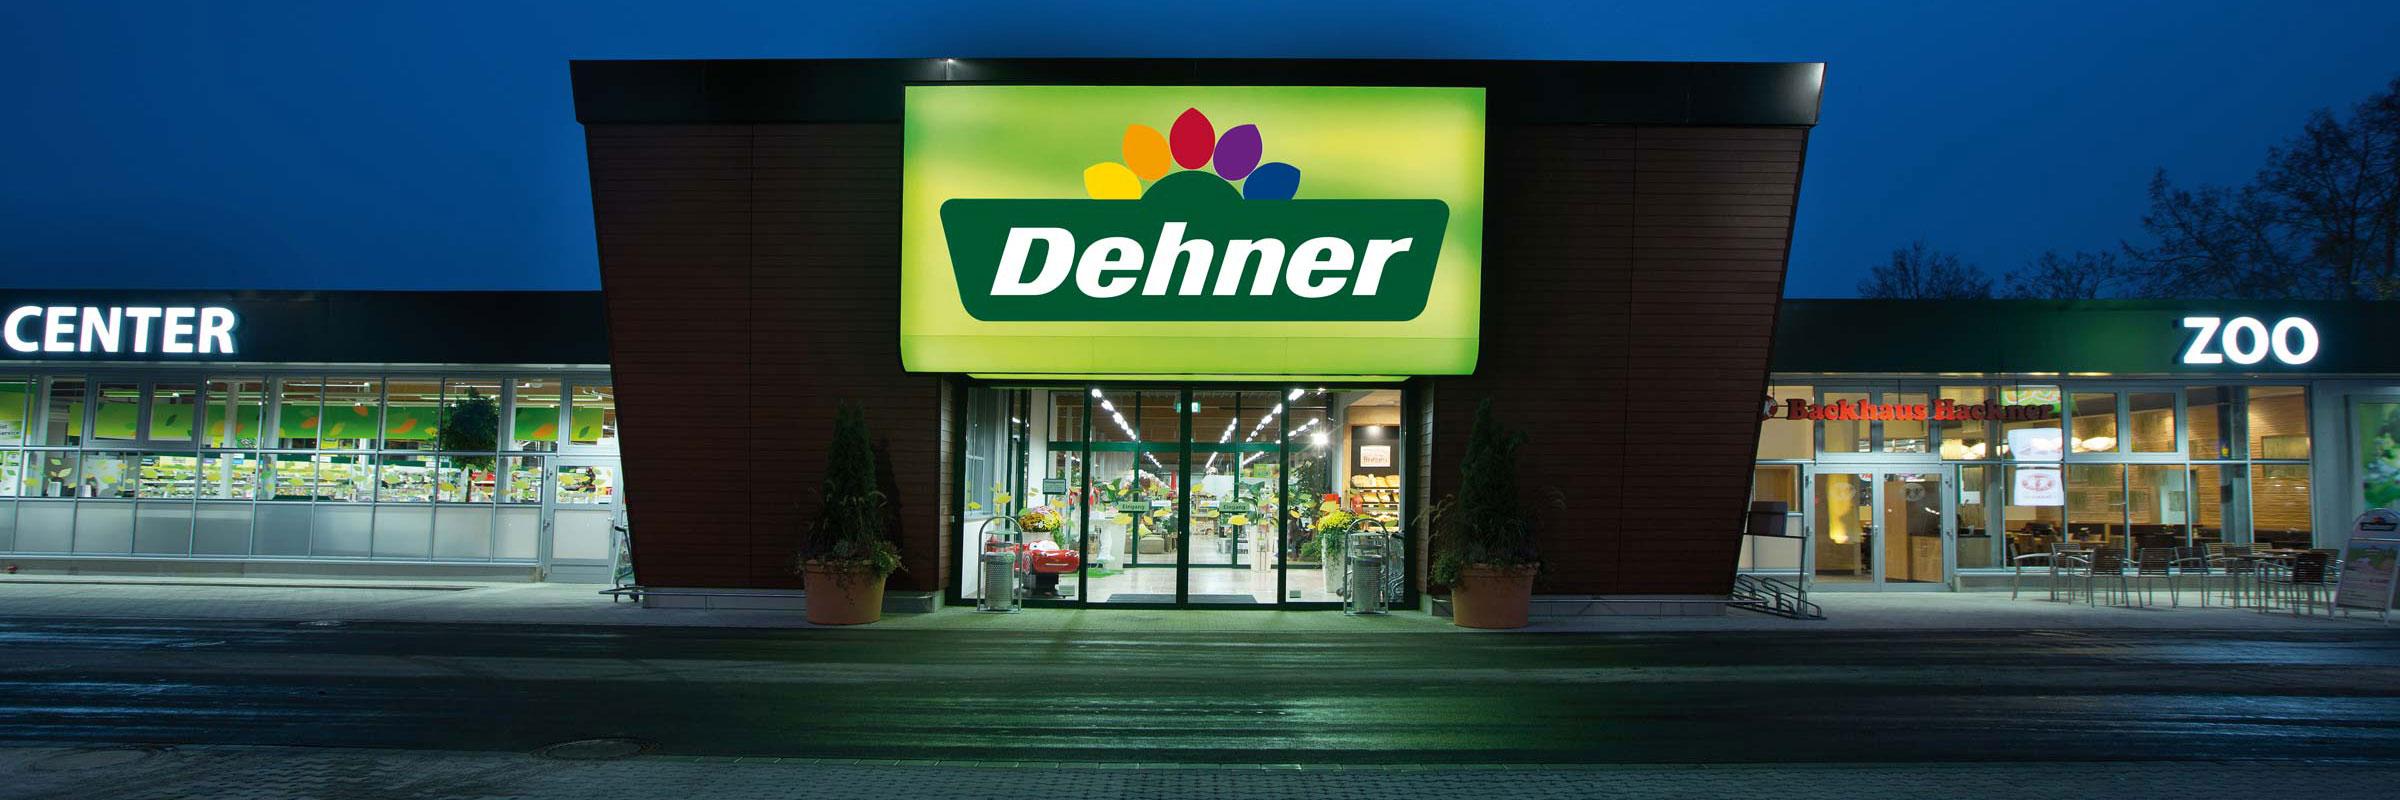 Dehner Garten Center In Ingolstadt Dehner